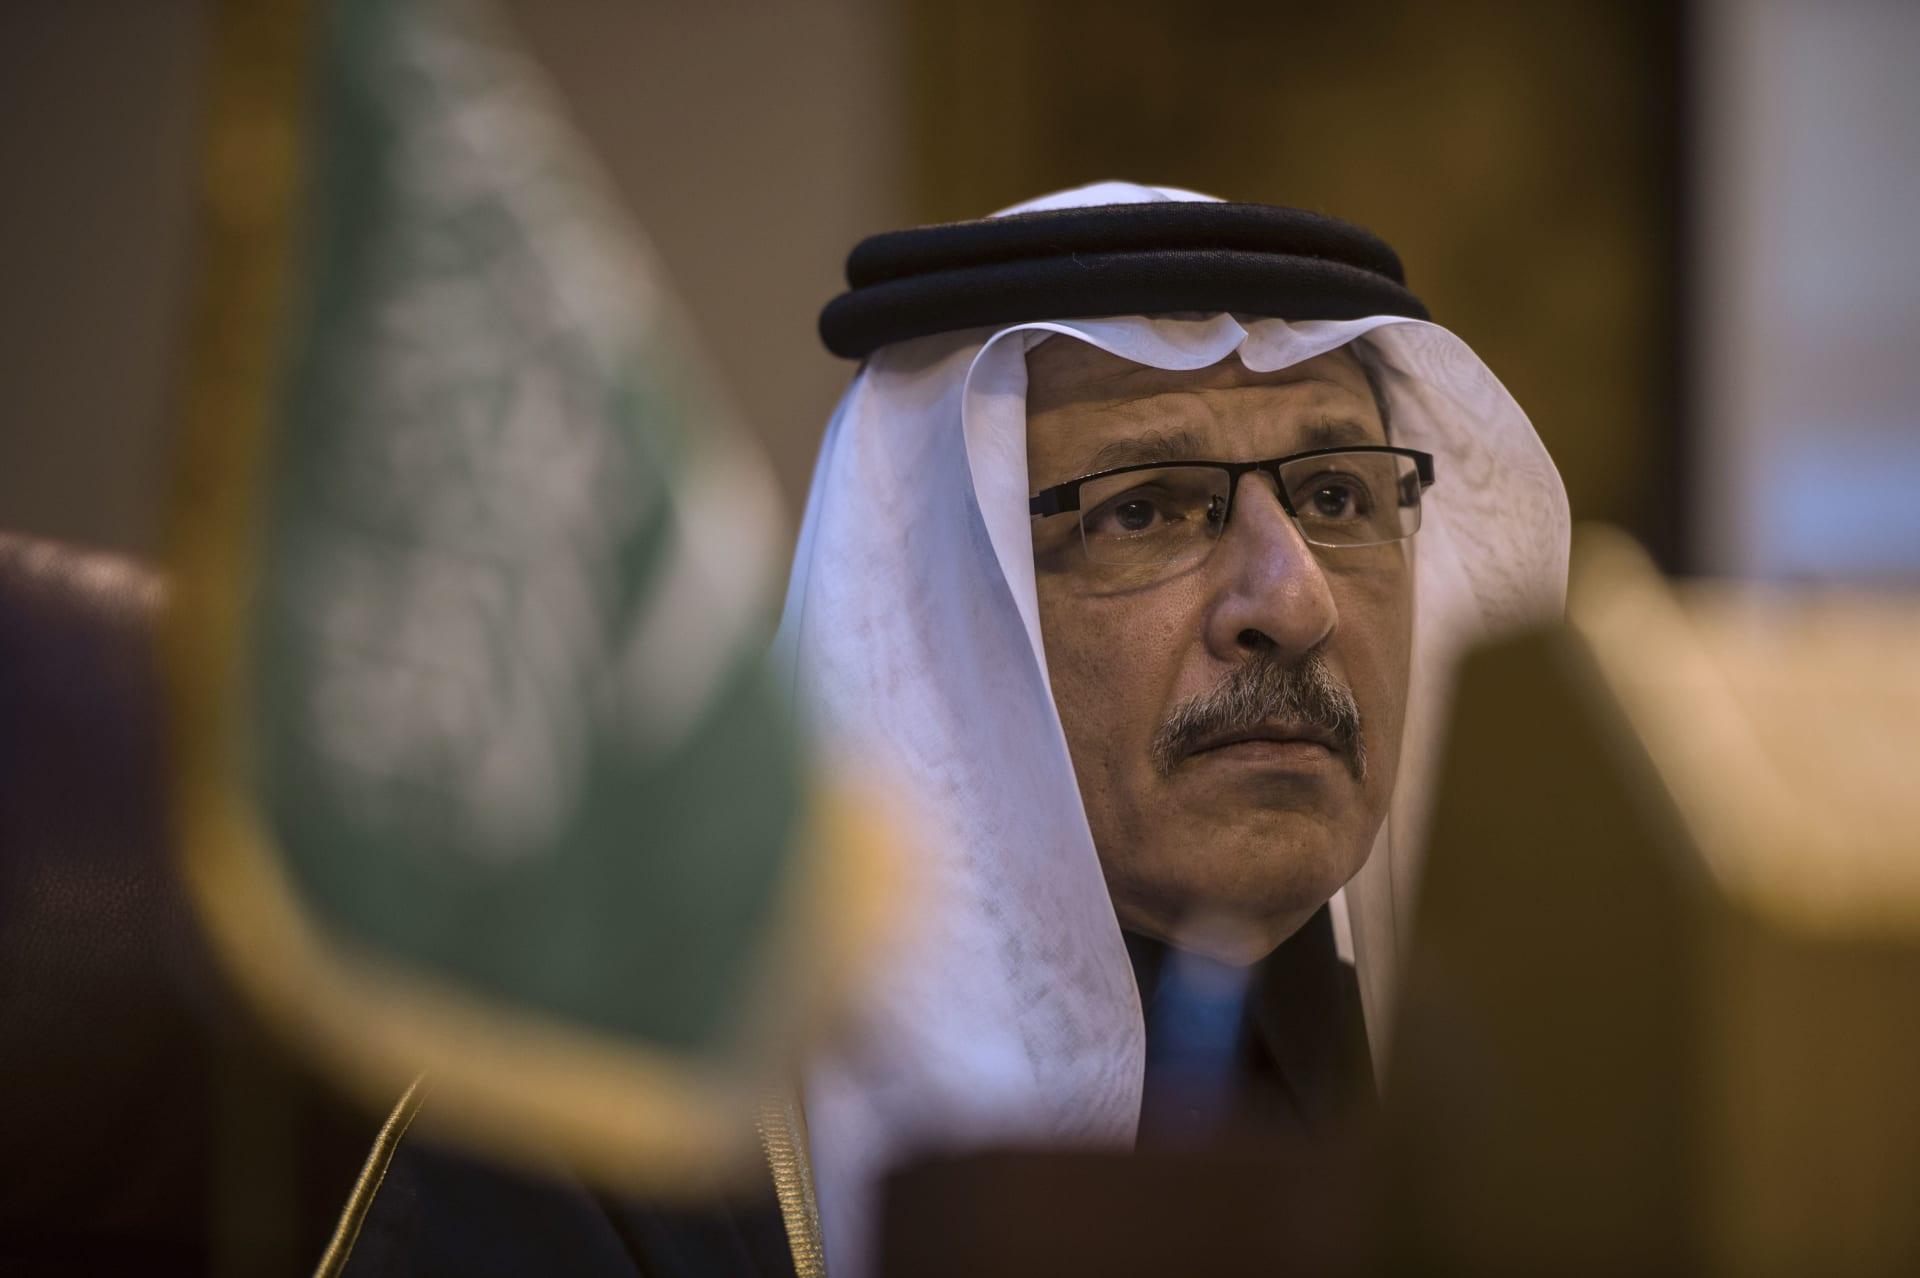 سفير السعودية يرد على مندوب قطر: لا نسعى لتغيير نظامكم.. لكن قادرون على أي شيء